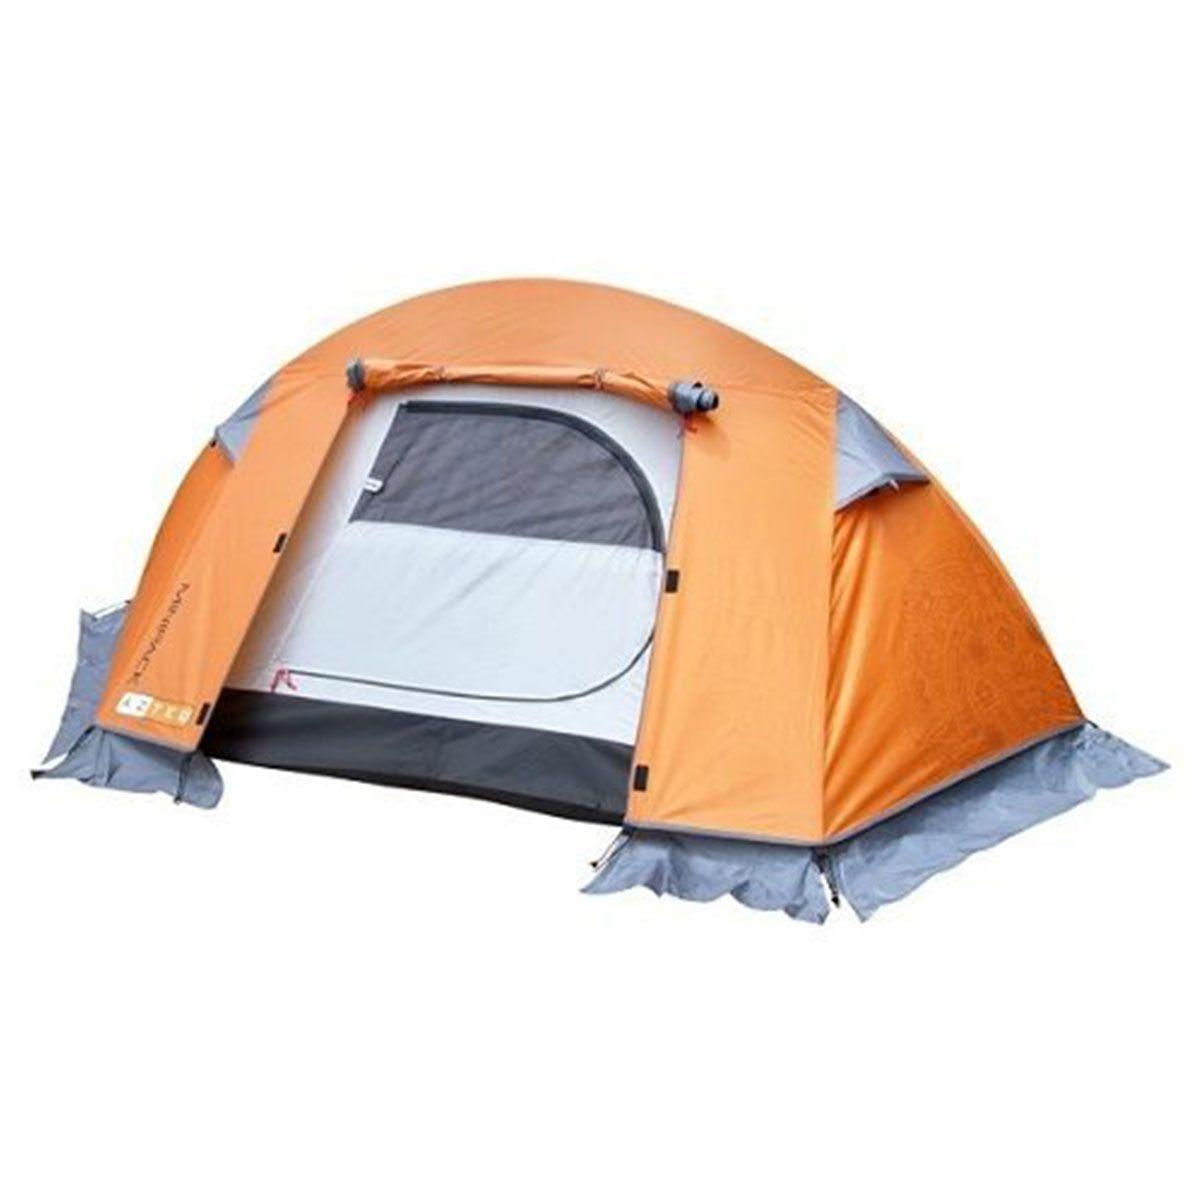 Barraca de Camping Nautika Azteq Minipack 1 Pessoa